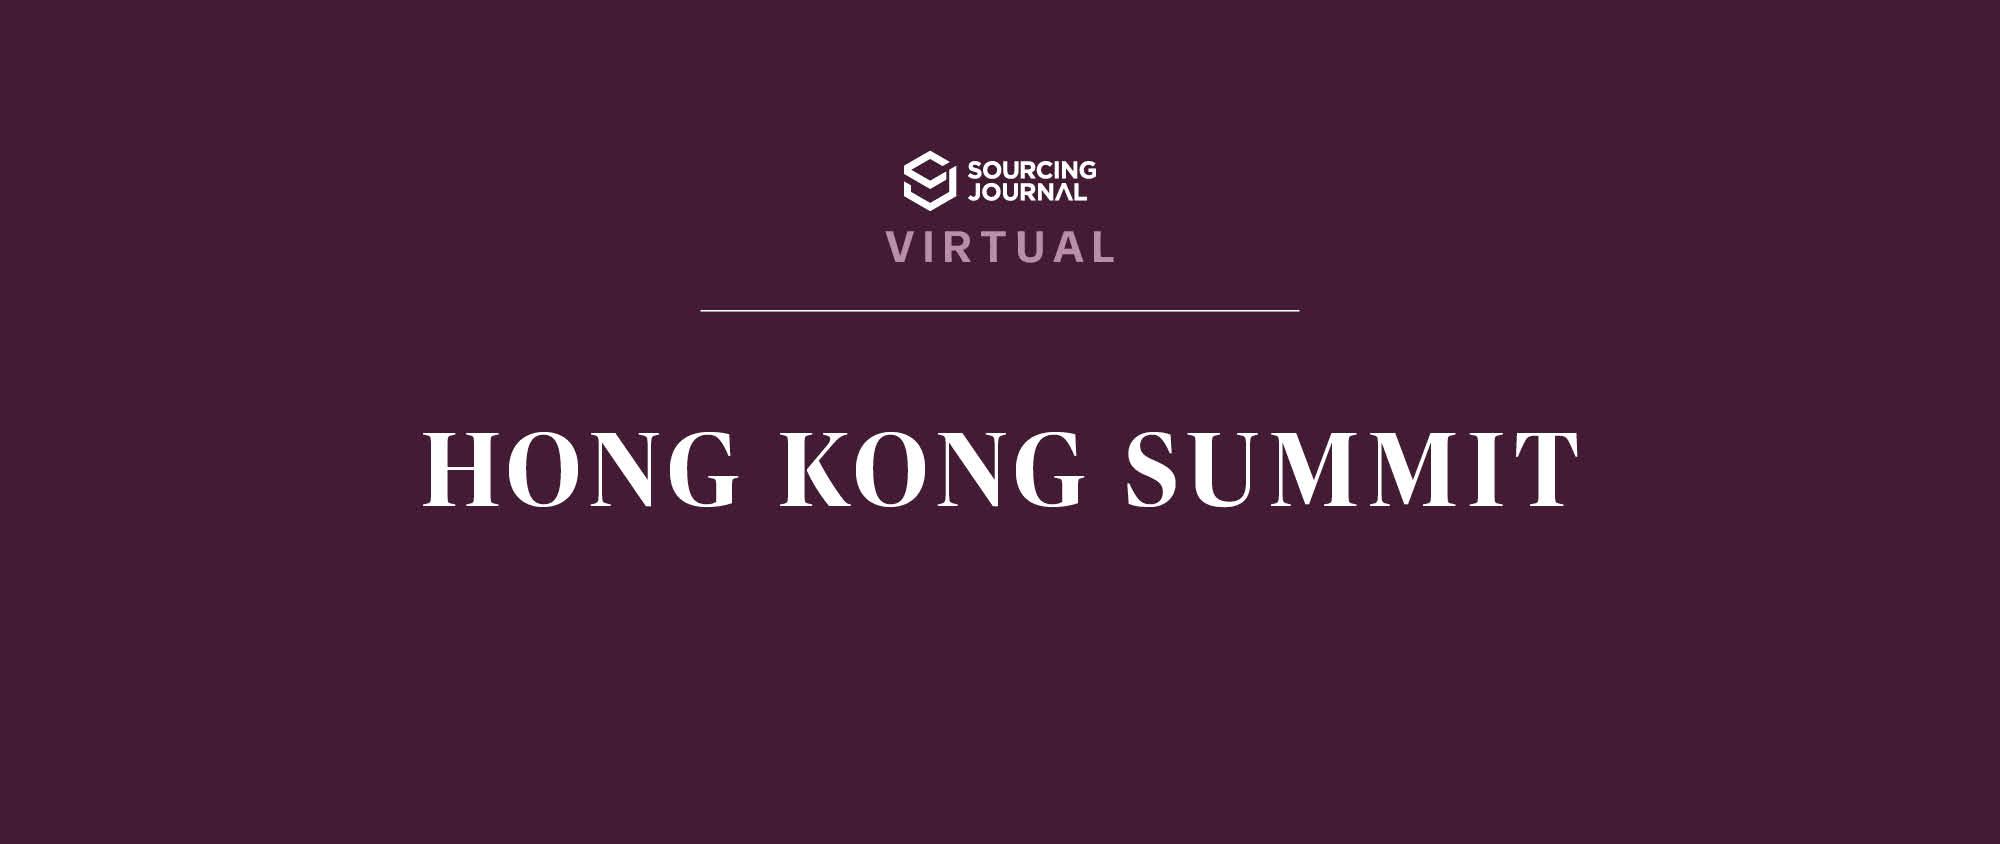 SJ_VIRTUAL_HONG-KONG-SUMMIT